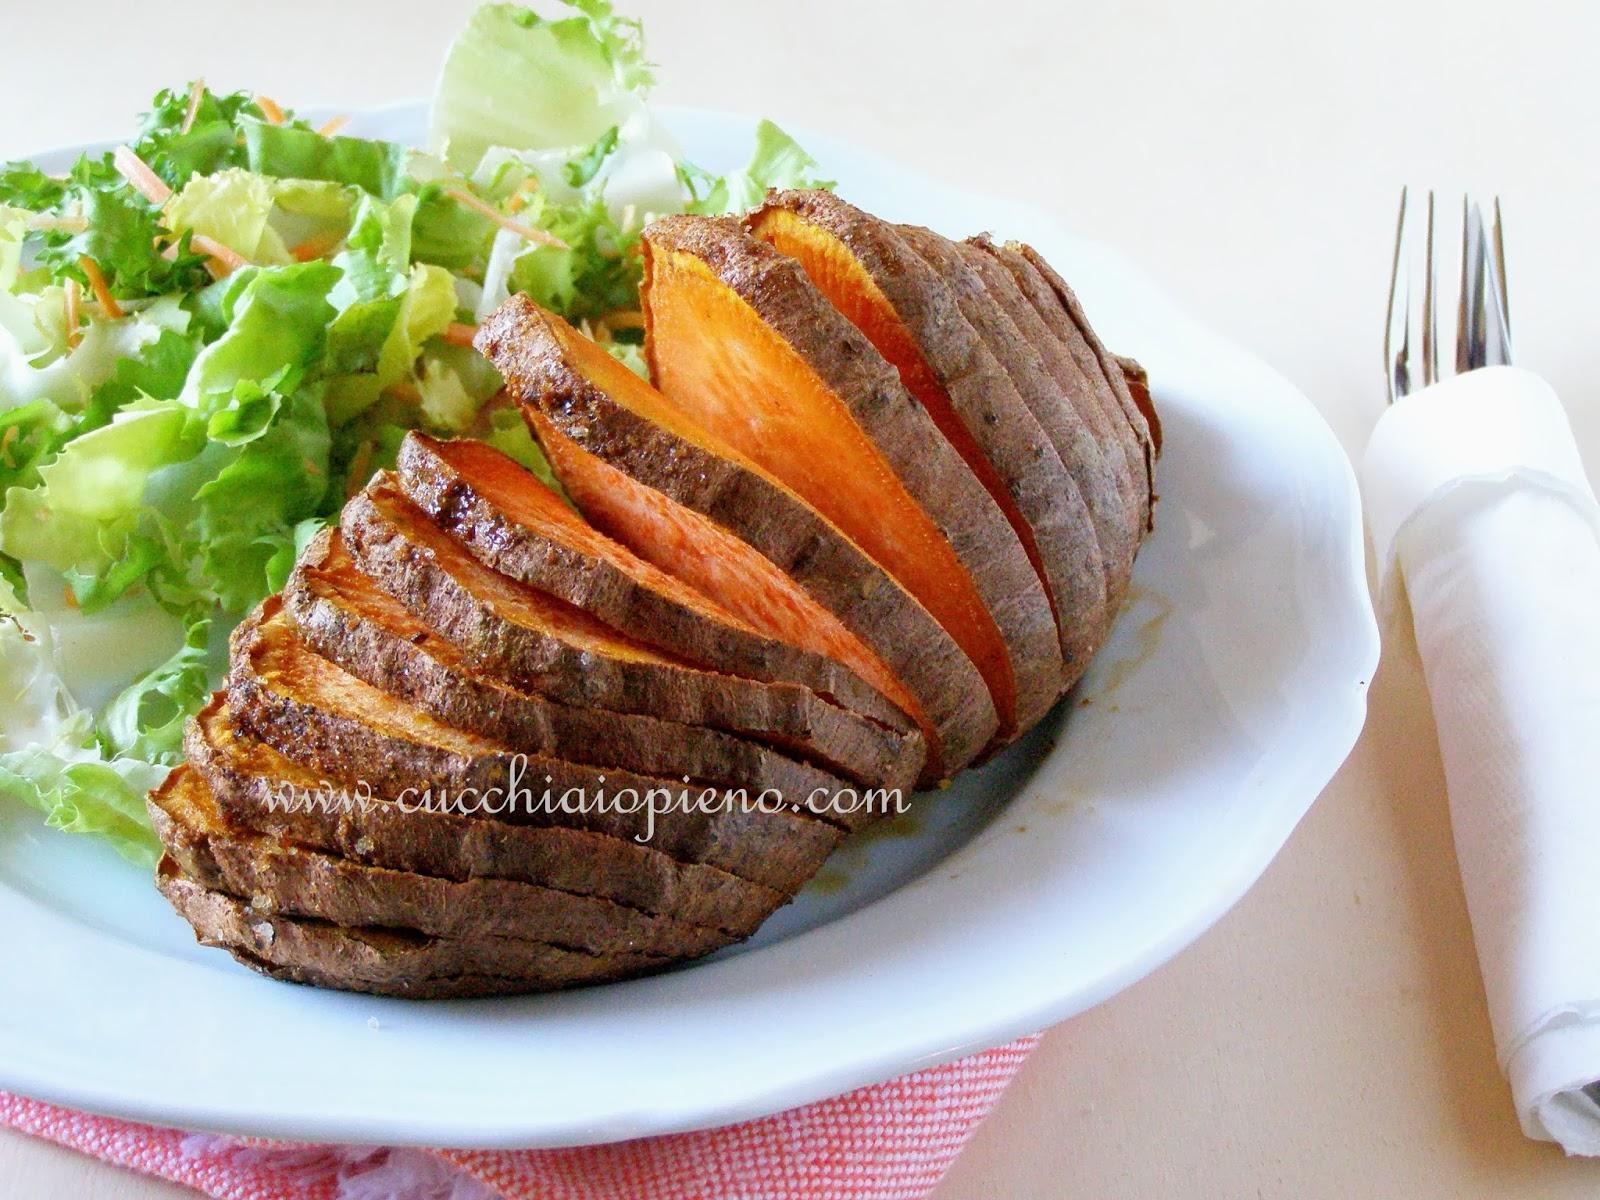 batata-doce assada